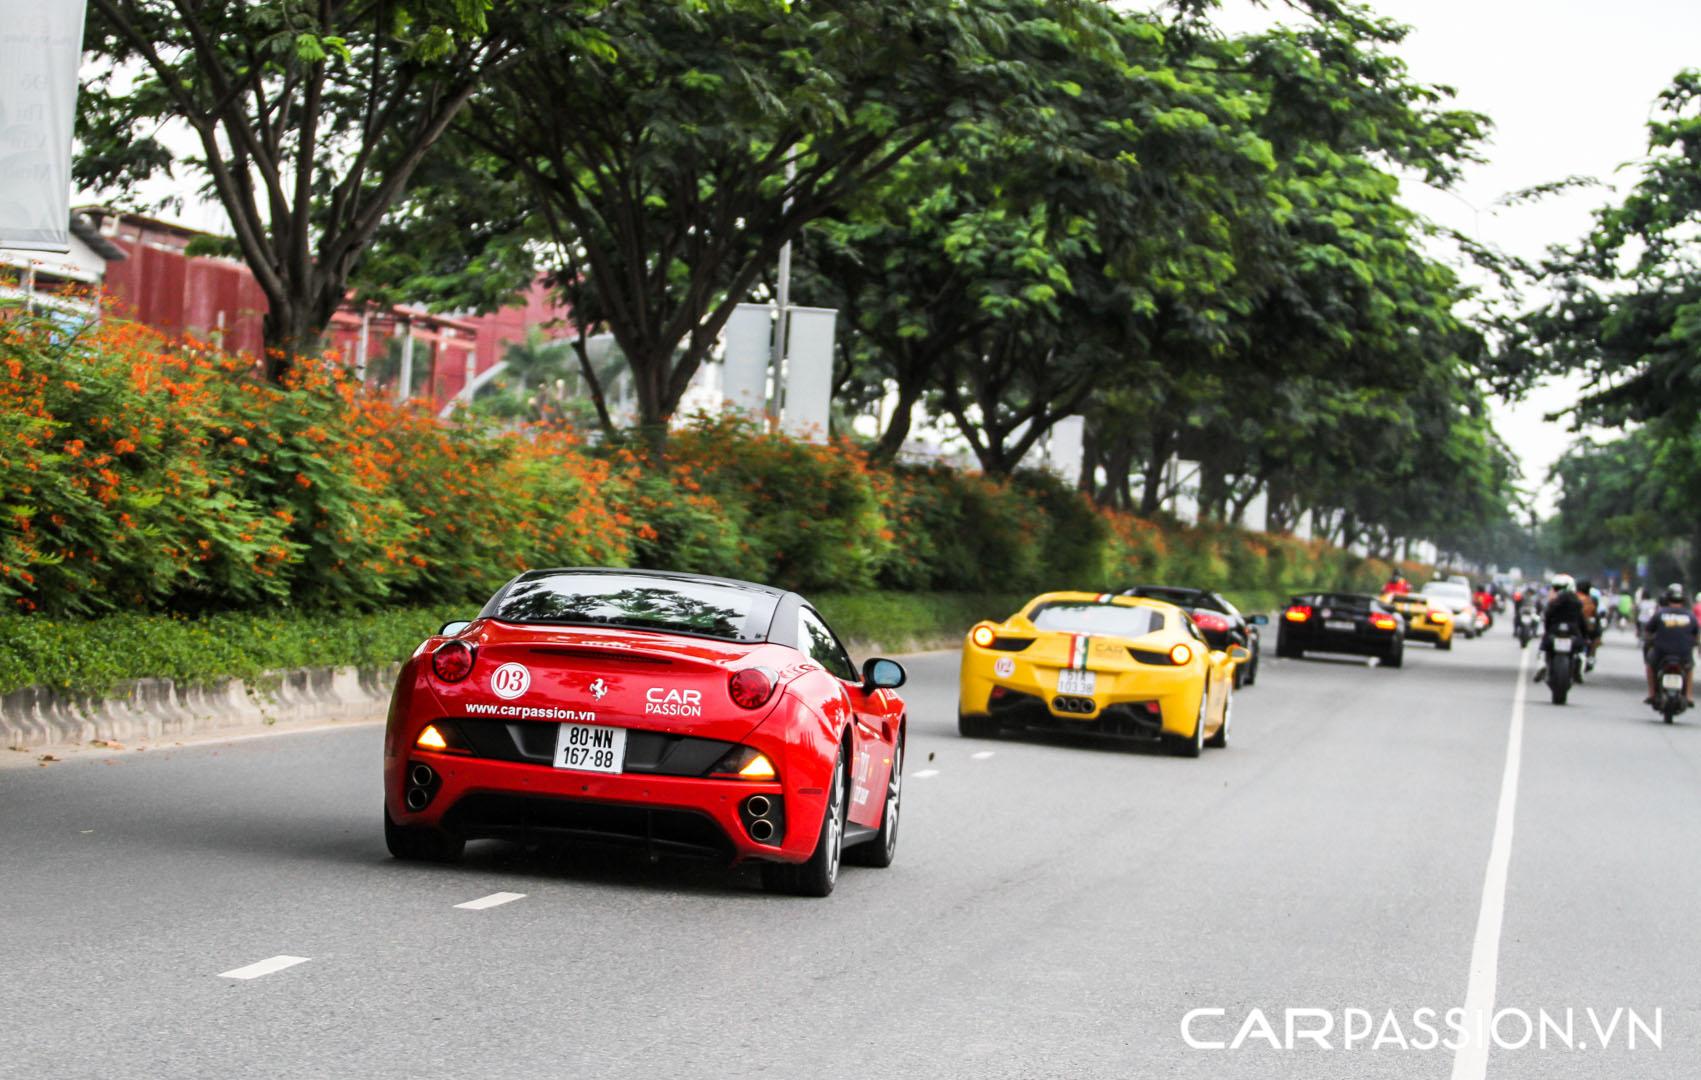 CP-Hành trình siêu xe CarPassion 2011 (18).jpg